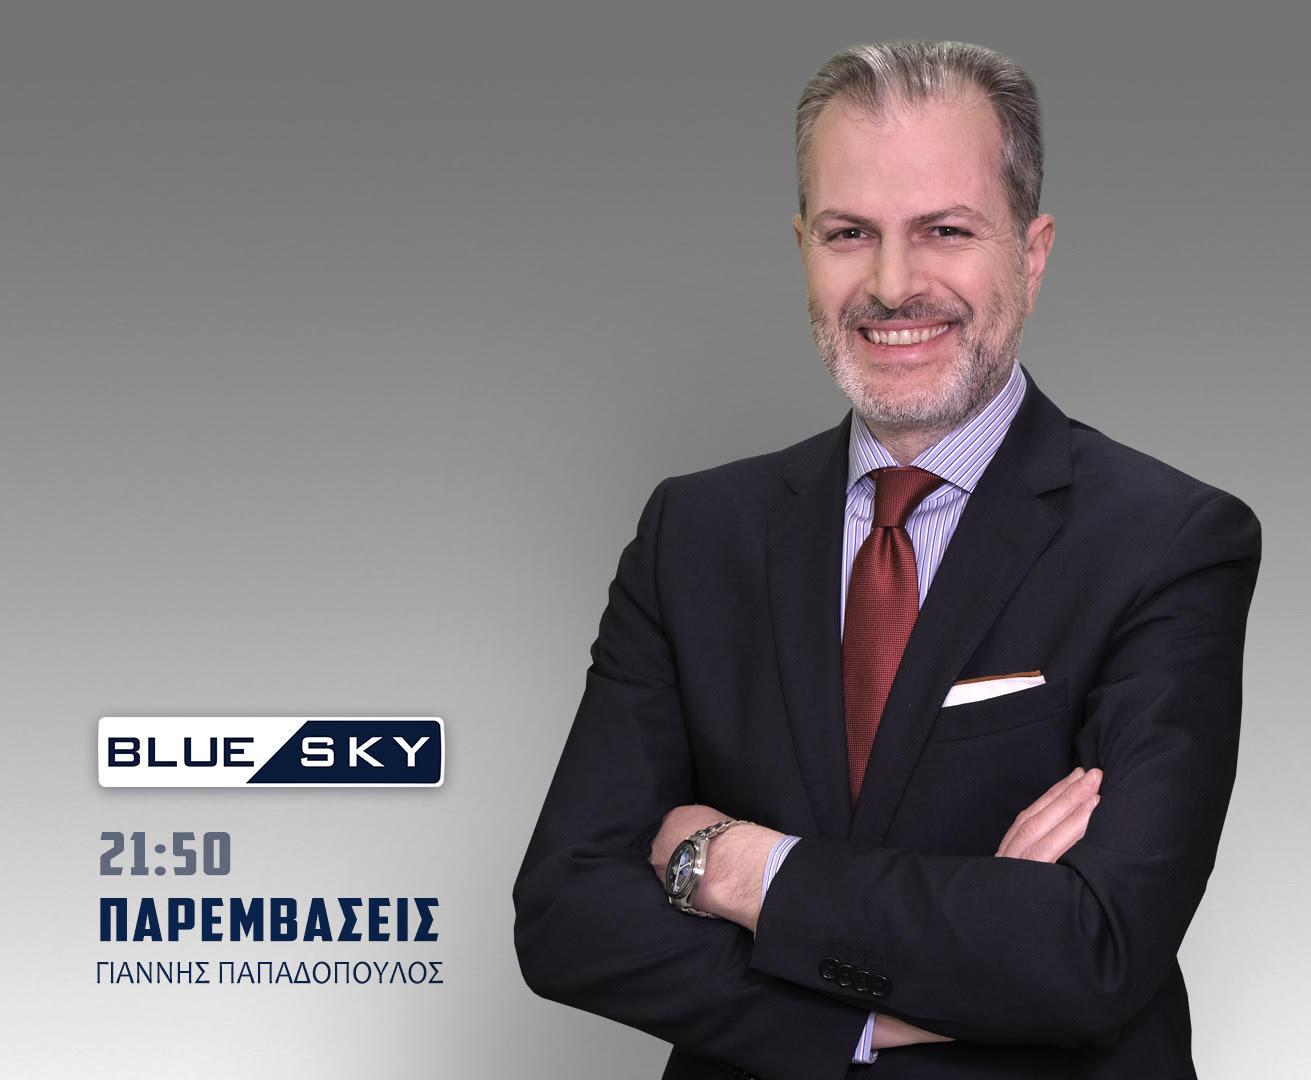 Ενημέρωση στο Blue Sky - Το πρόγραμμα του τηλεοπτικού σταθμού